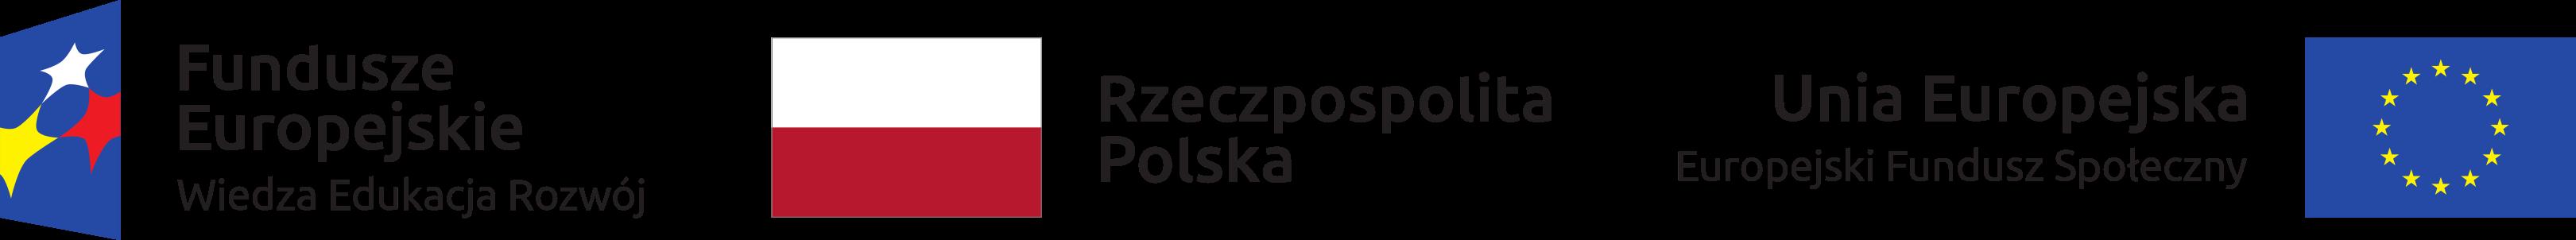 Fundusze Europejskie - Wiedza Edukacja Rozwój : Rzeczpospolita Polska : Unia Europejska - Europejski Fundusz Społeczny